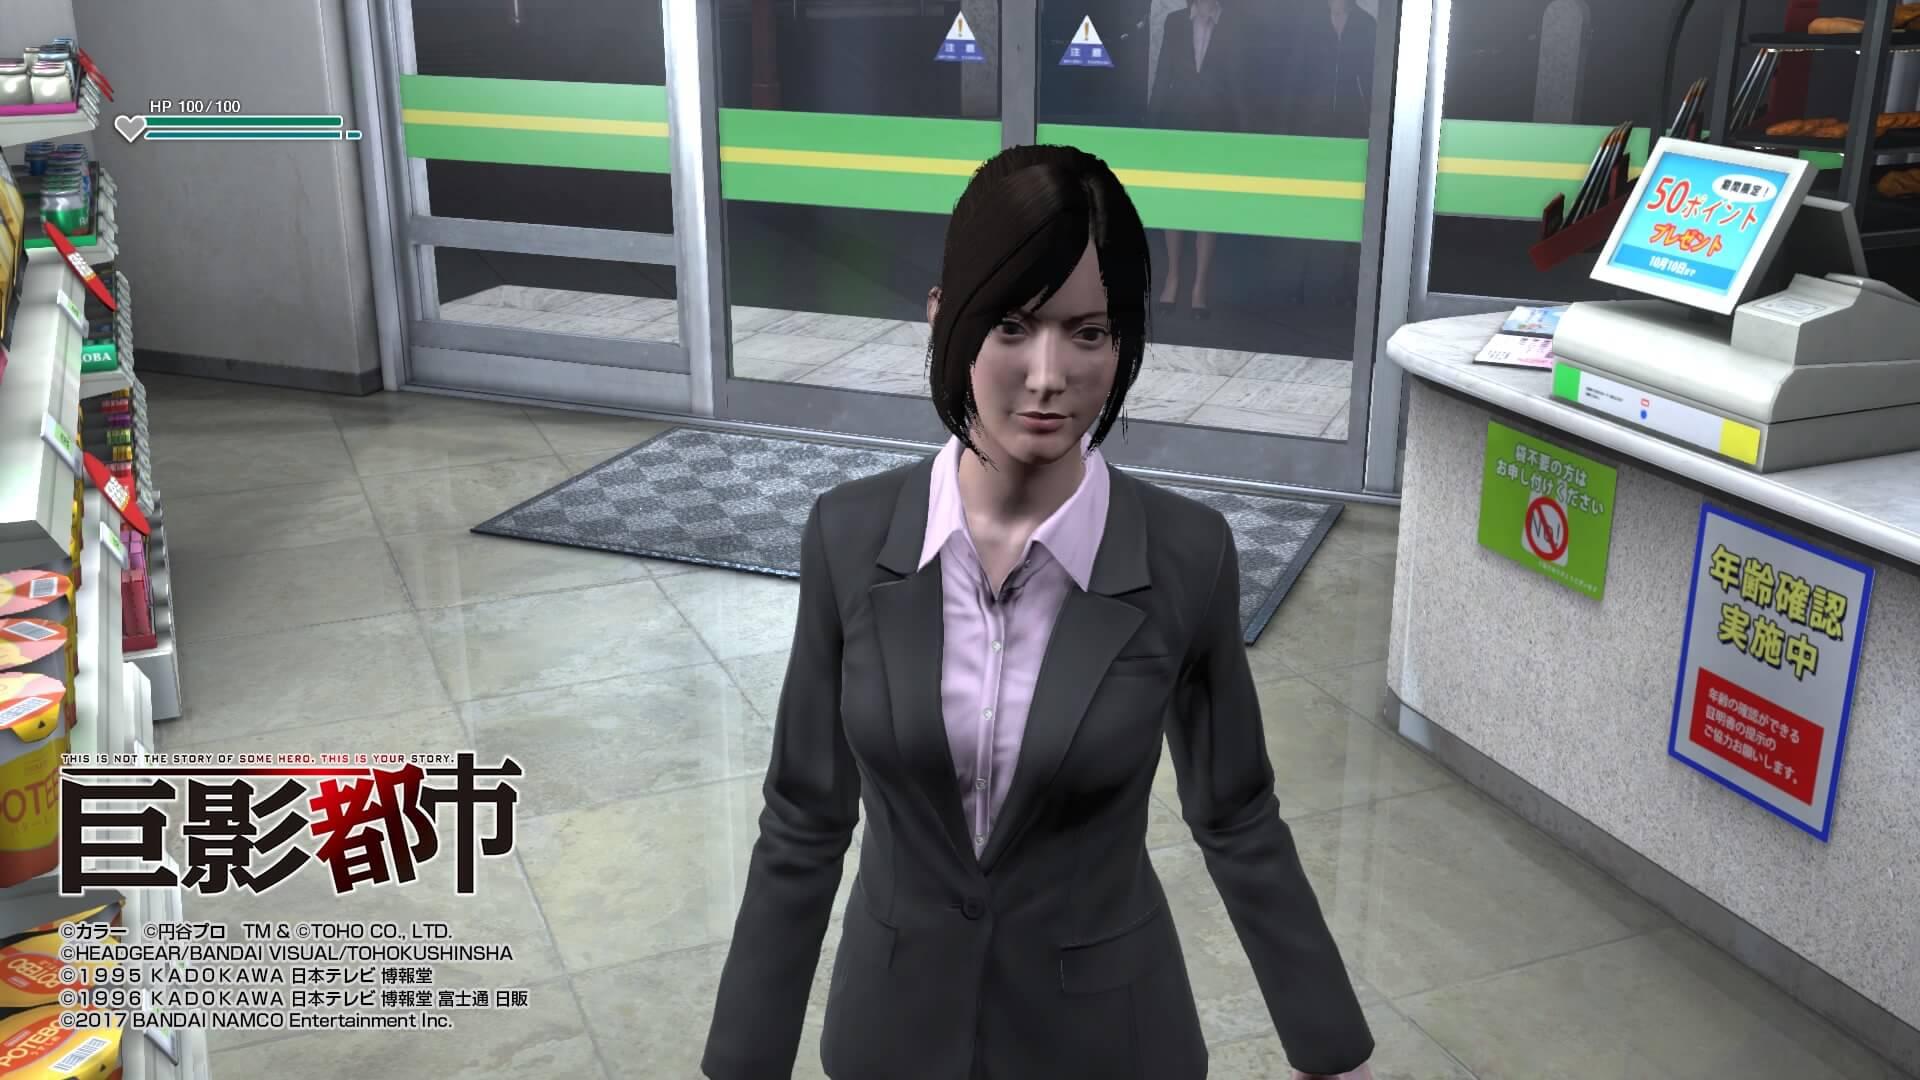 巨影都市の女主人公かユキにオフィススーツを着せると絶体絶命都市4の主人公っぽくなる。